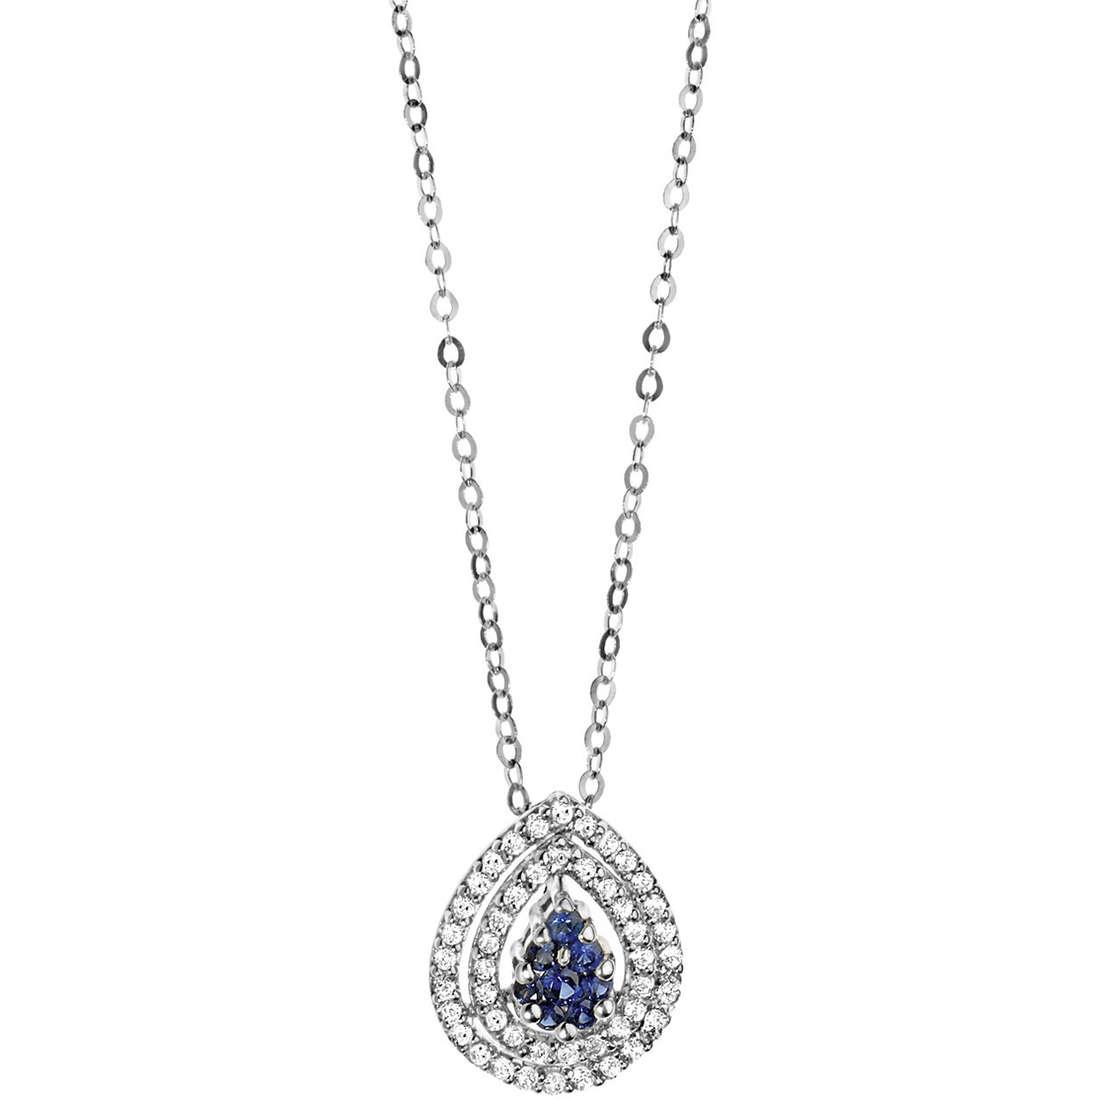 collana donna gioielli Comete Pietre preziose colorate GLB 951